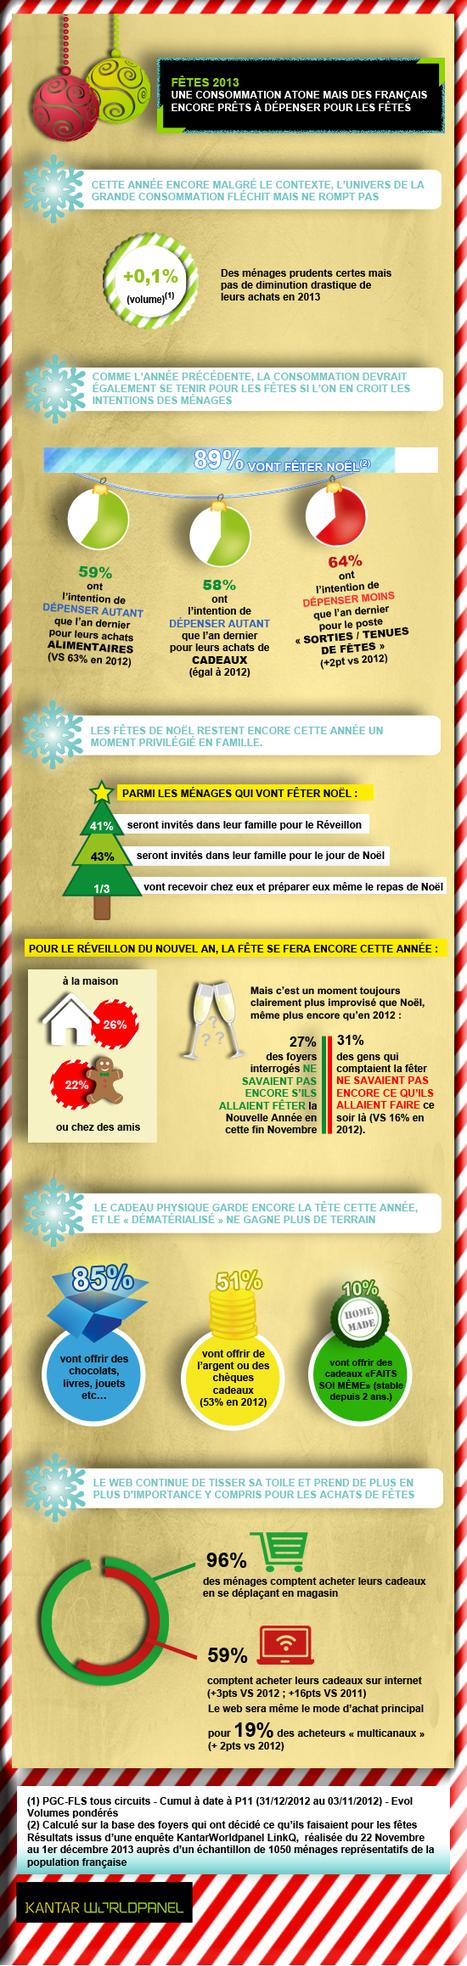 Infographie : Les comportements d'achat de Noël   TSTMG mercatique   Scoop.it